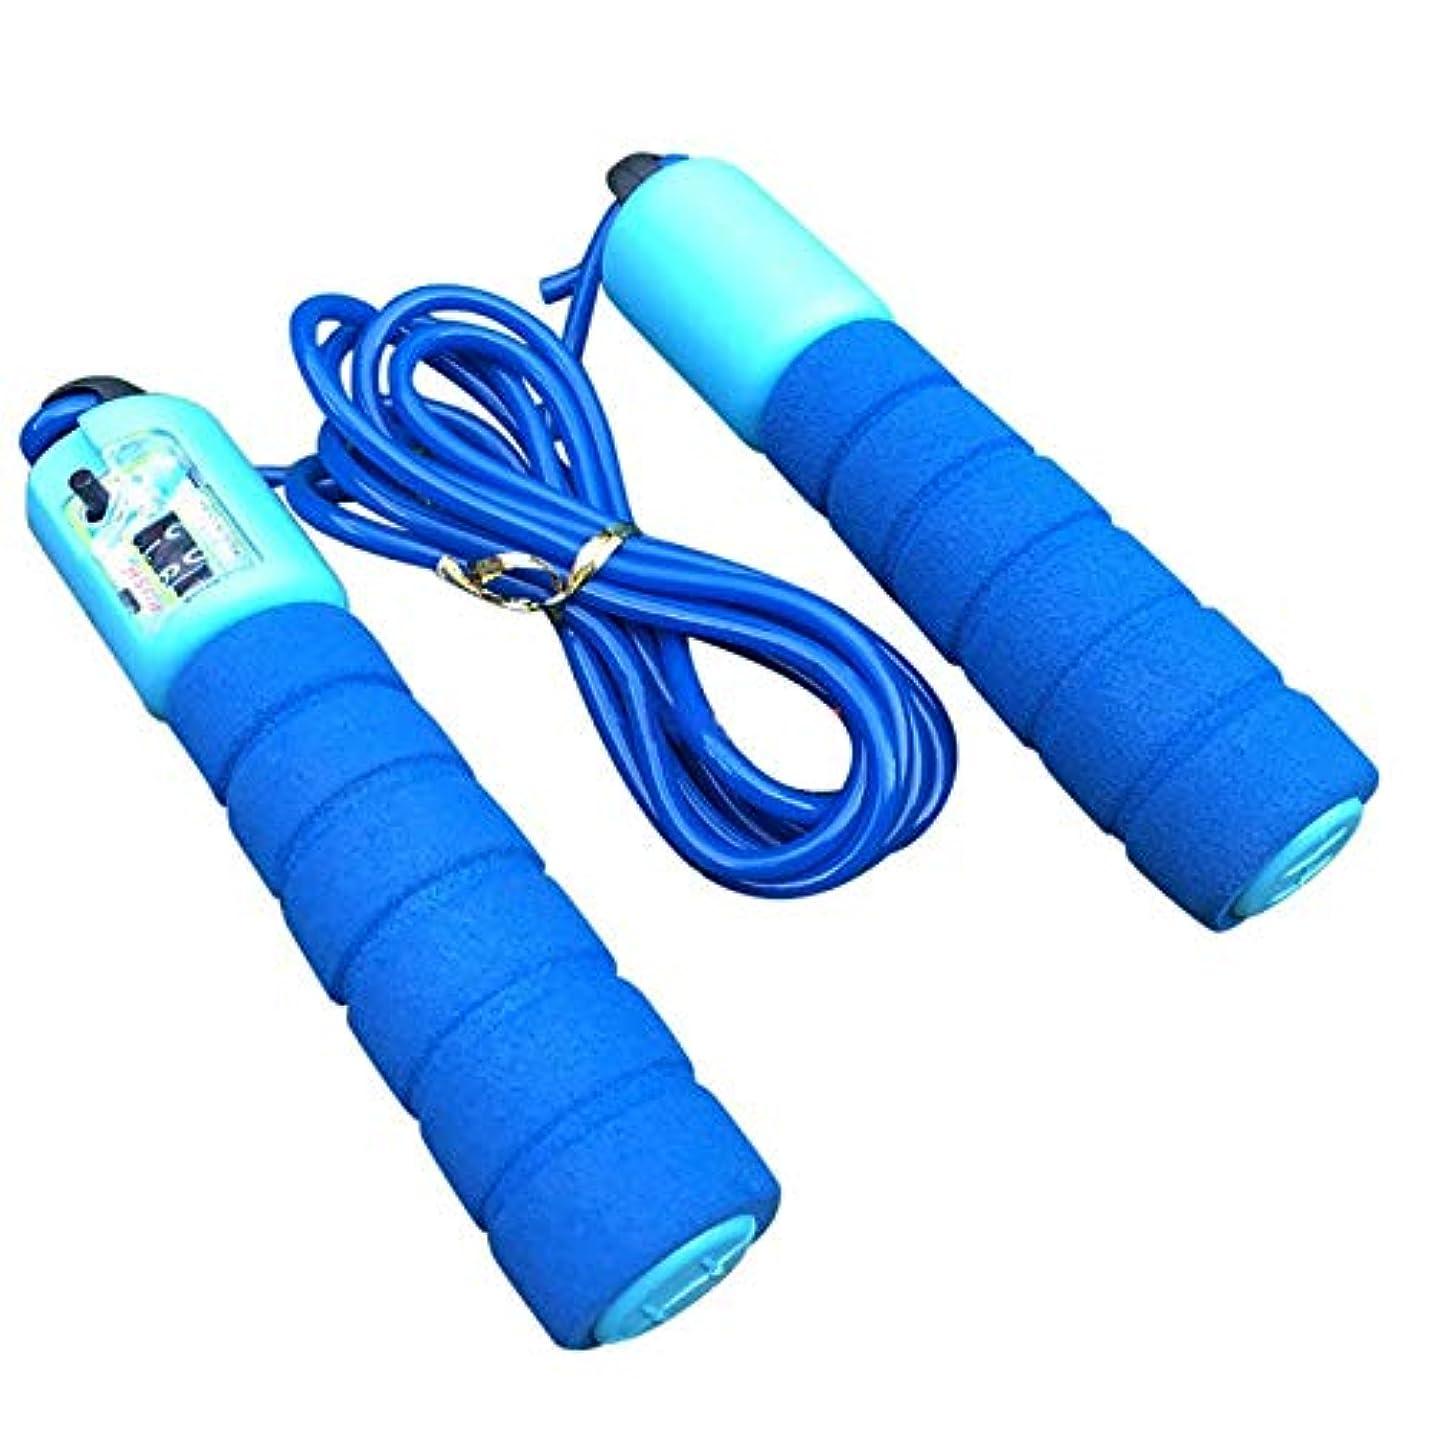 欠点割り当てピボット調整可能なプロフェッショナルカウント縄跳び自動カウントジャンプロープフィットネス運動高速カウントジャンプロープ - 青